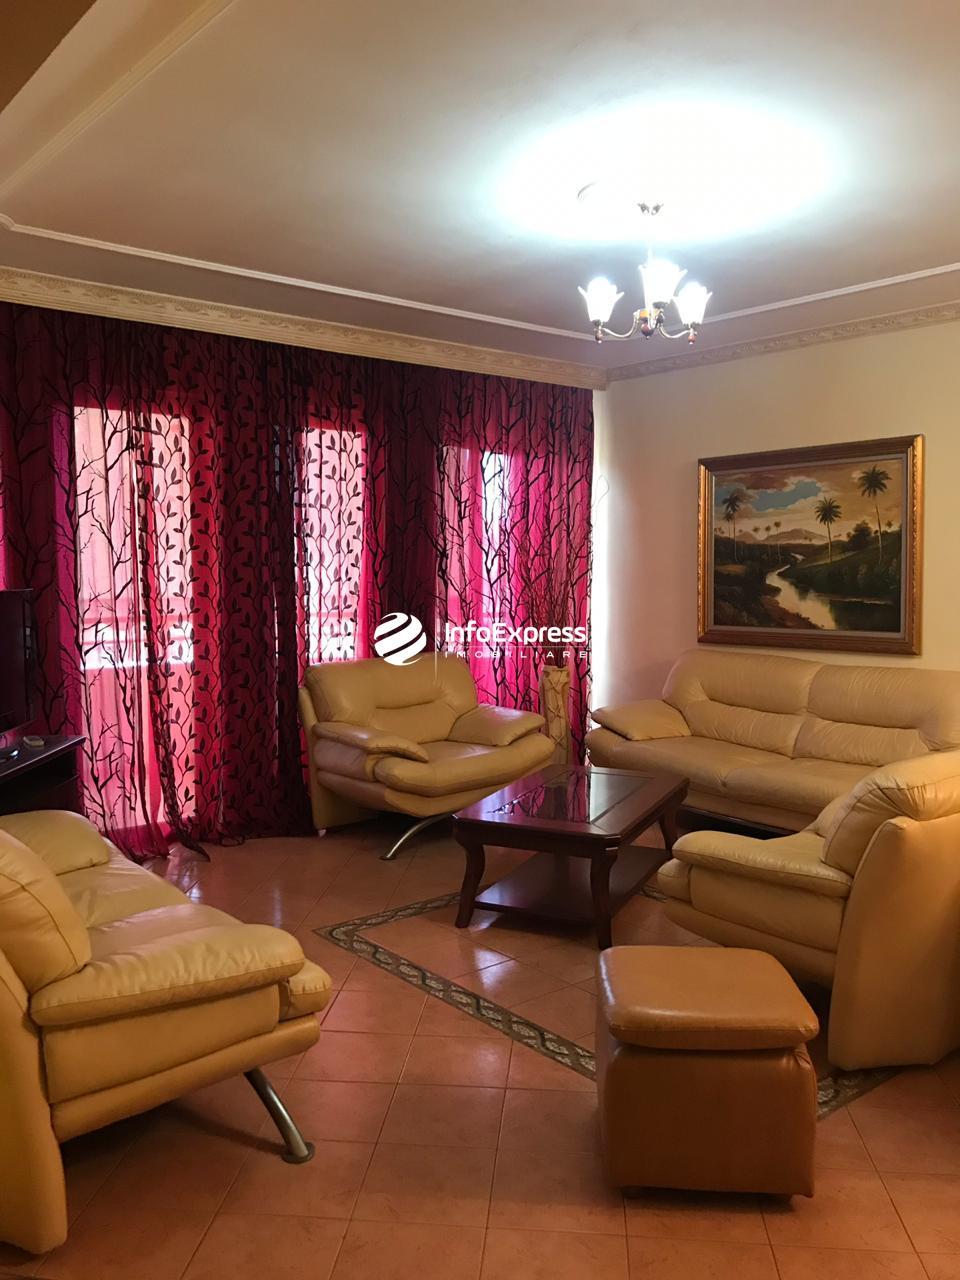 TRR-0419-1406 Jepet me qera apartament 2+1, ndodhet ne Myslym Shyri.